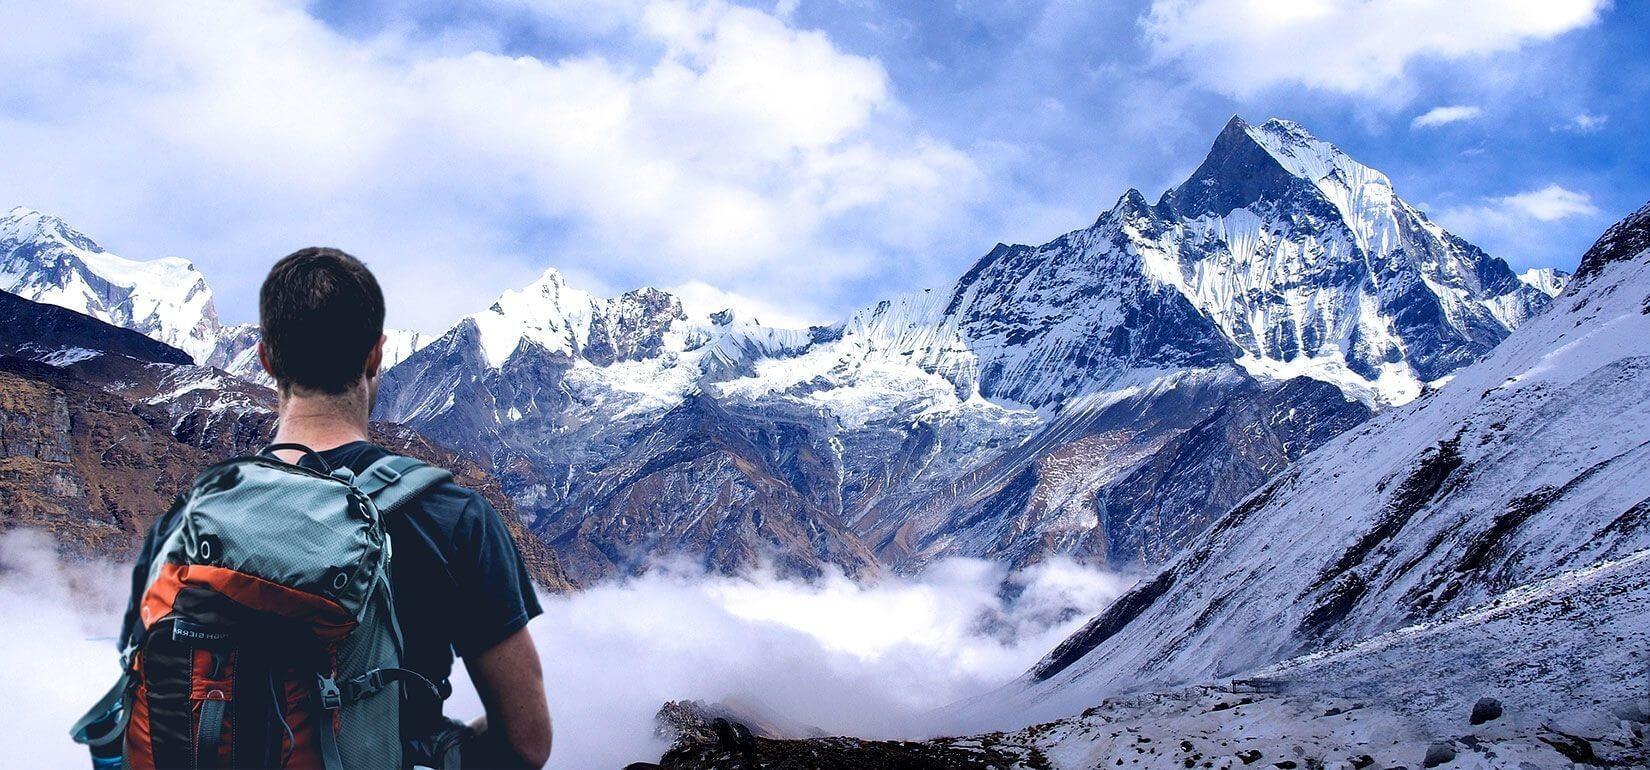 Explore Massif Annapurna Region